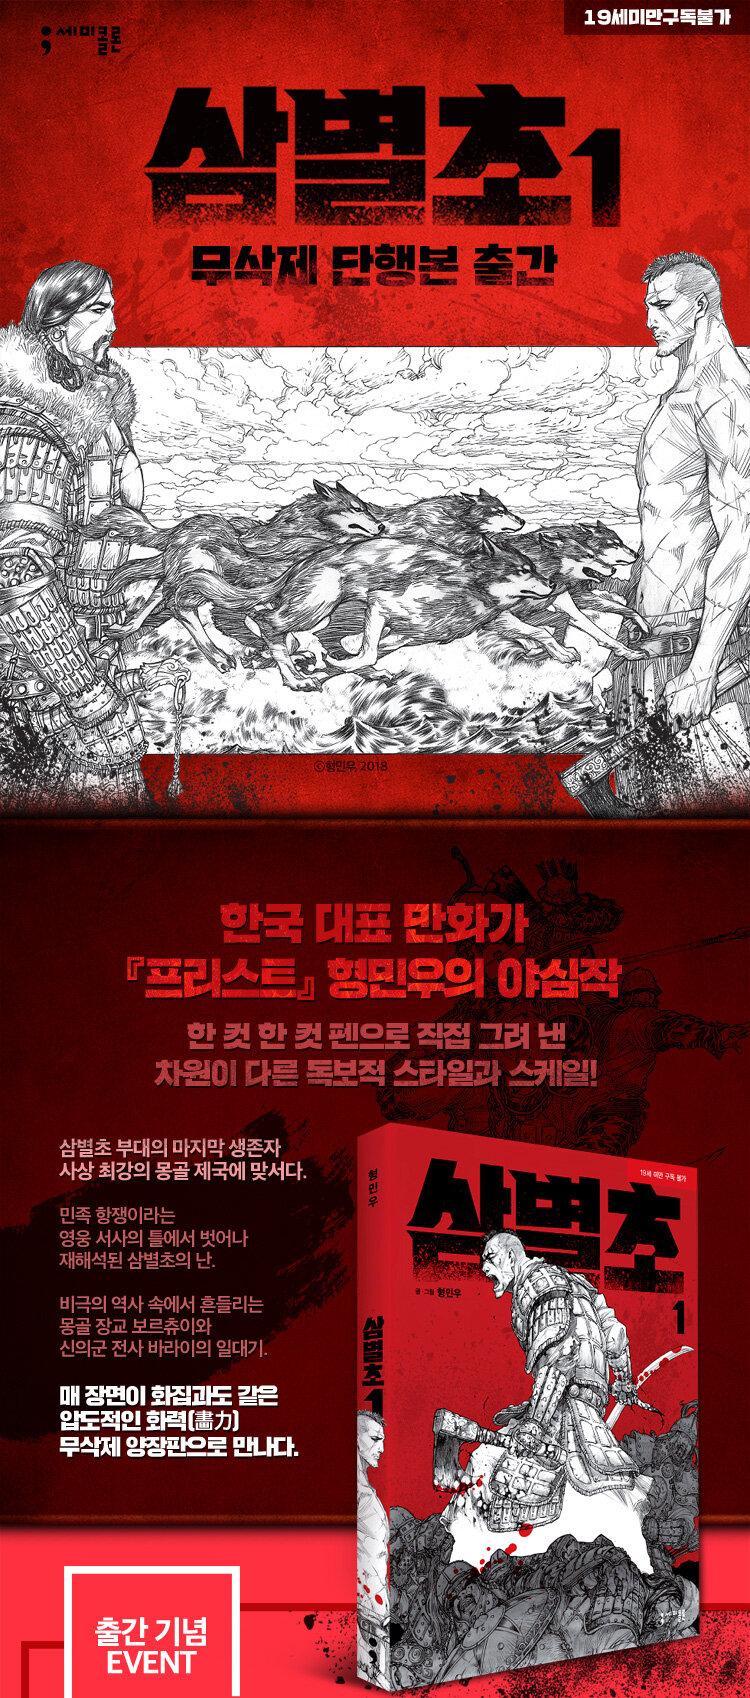 <삼별초> 1권 출간 기념 이벤트